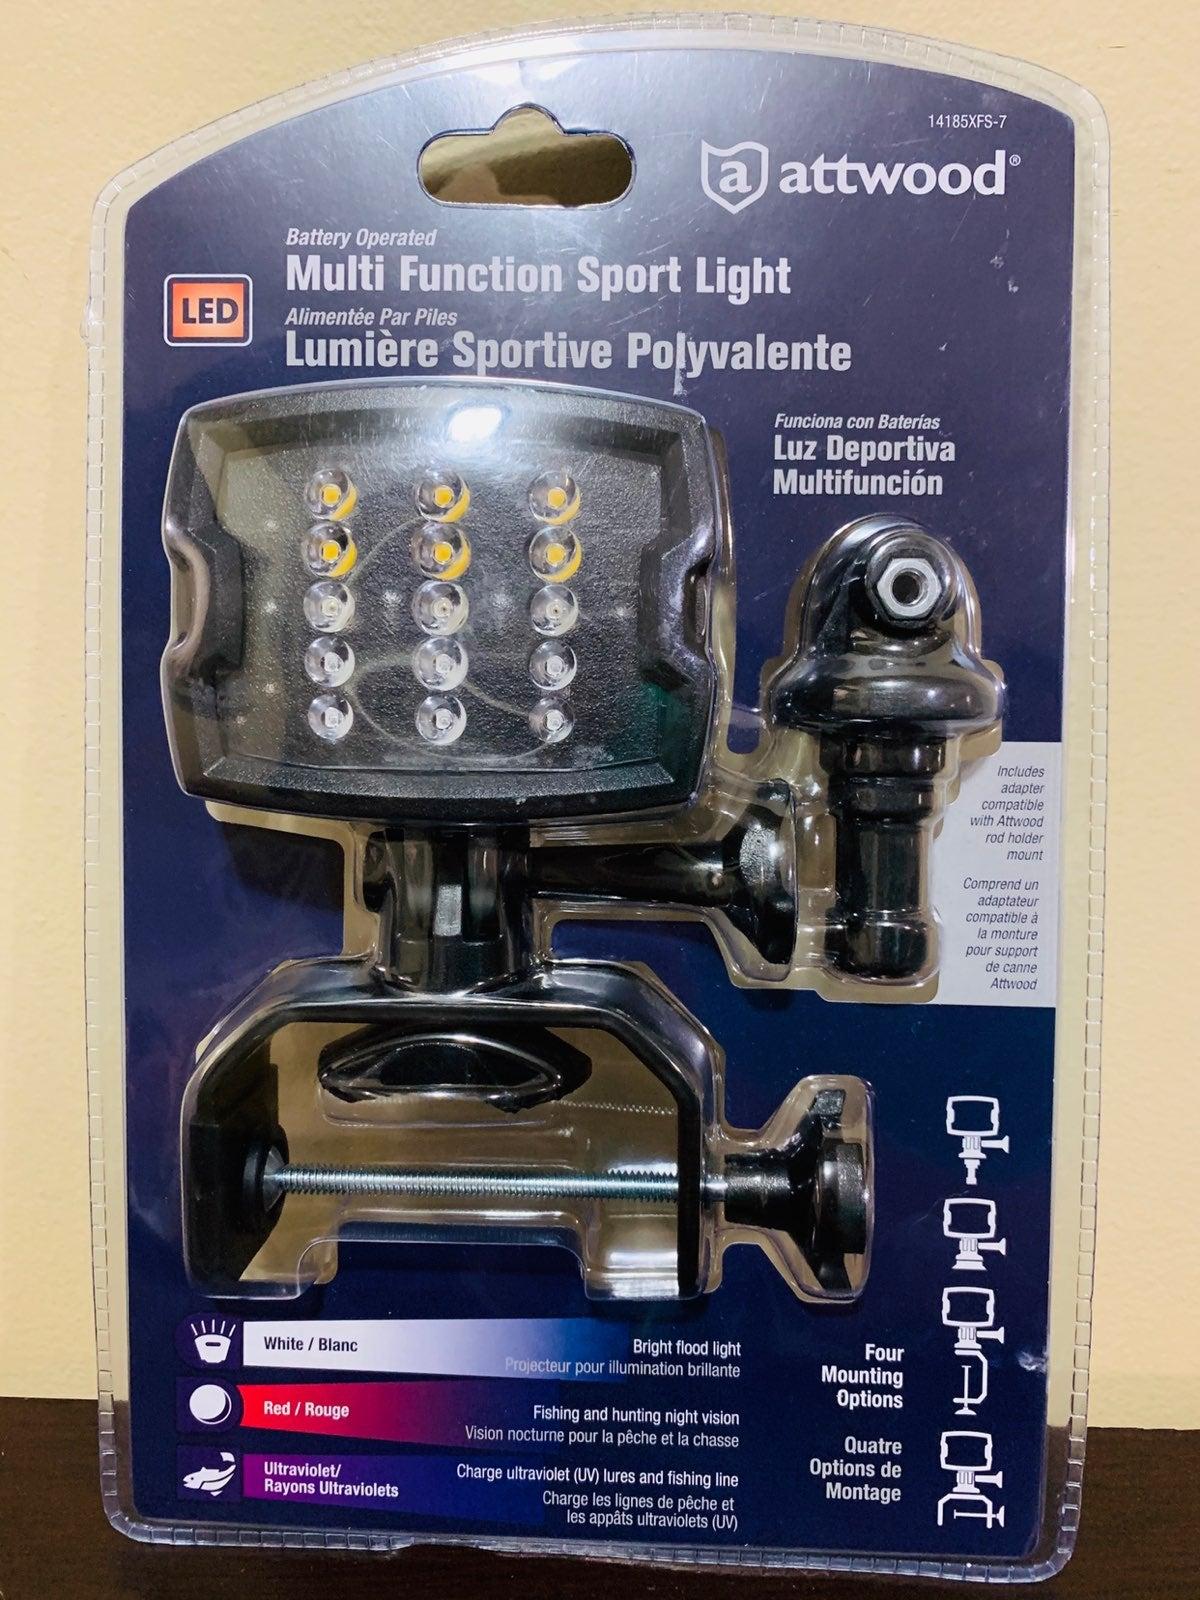 Attwood multifunction sport light